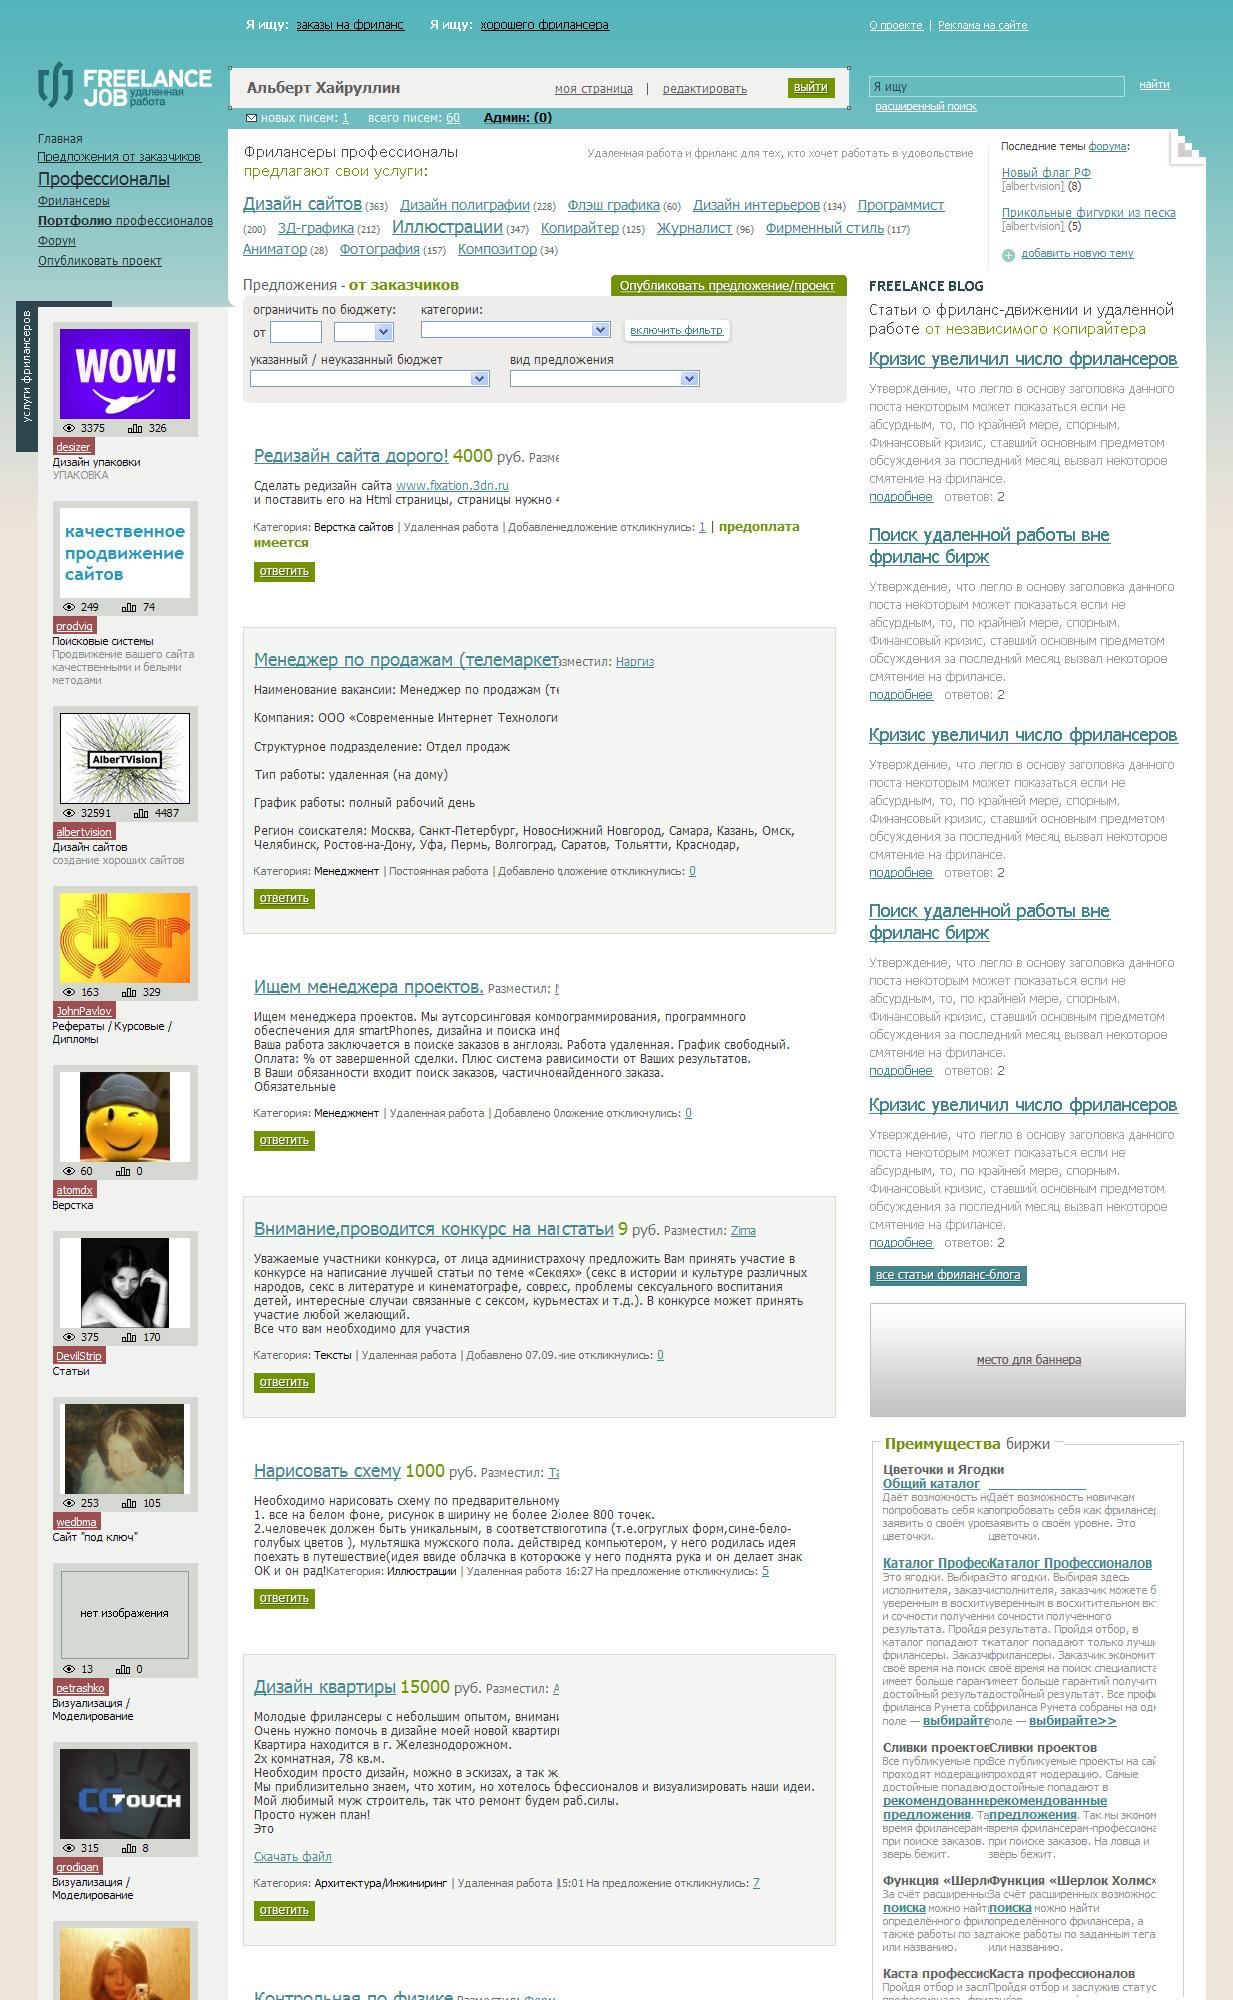 сайт каталог от фрилансера